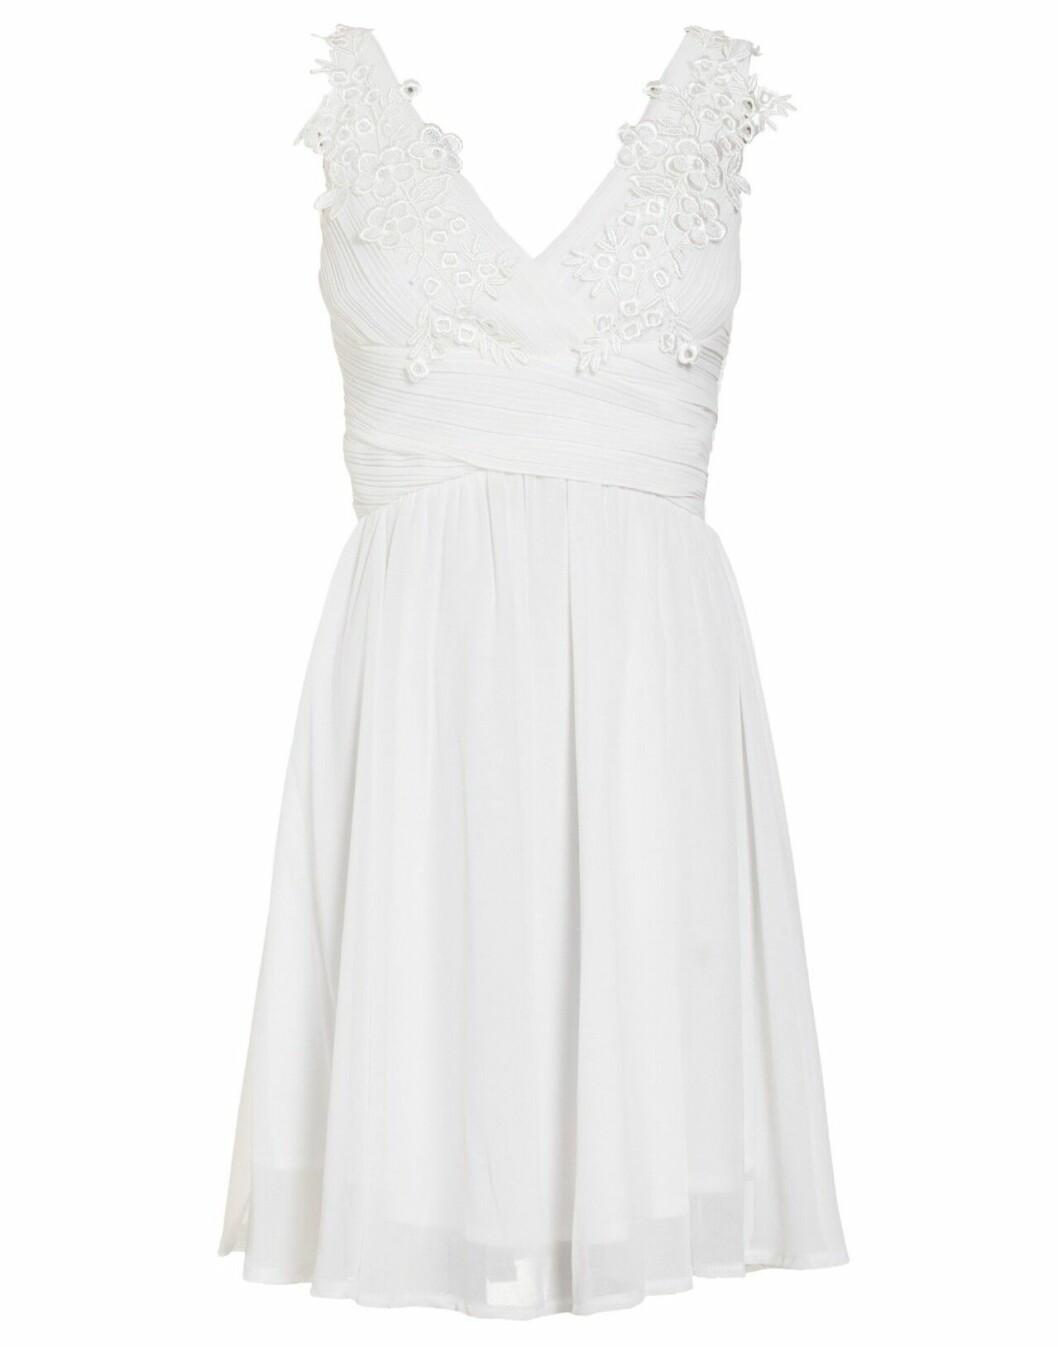 Billig brudklänning i kort modell 2019